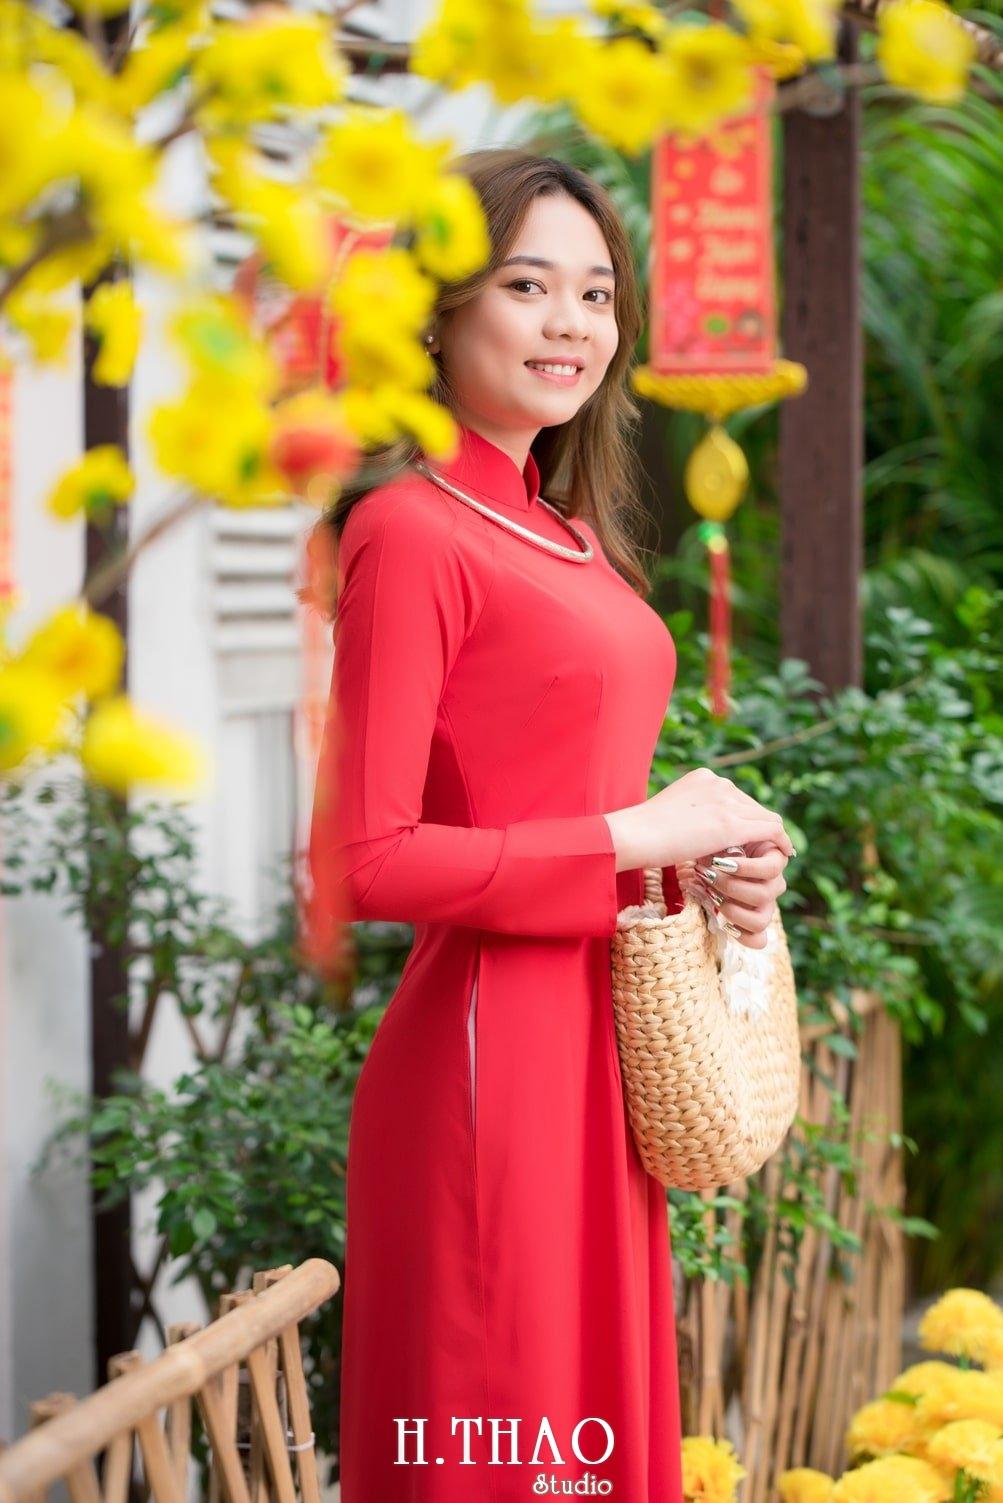 Ao dai tet do 12 - Top 40 ảnh áo dài chụp với Hoa đào, hoa mai tết tuyệt đẹp- HThao Studio